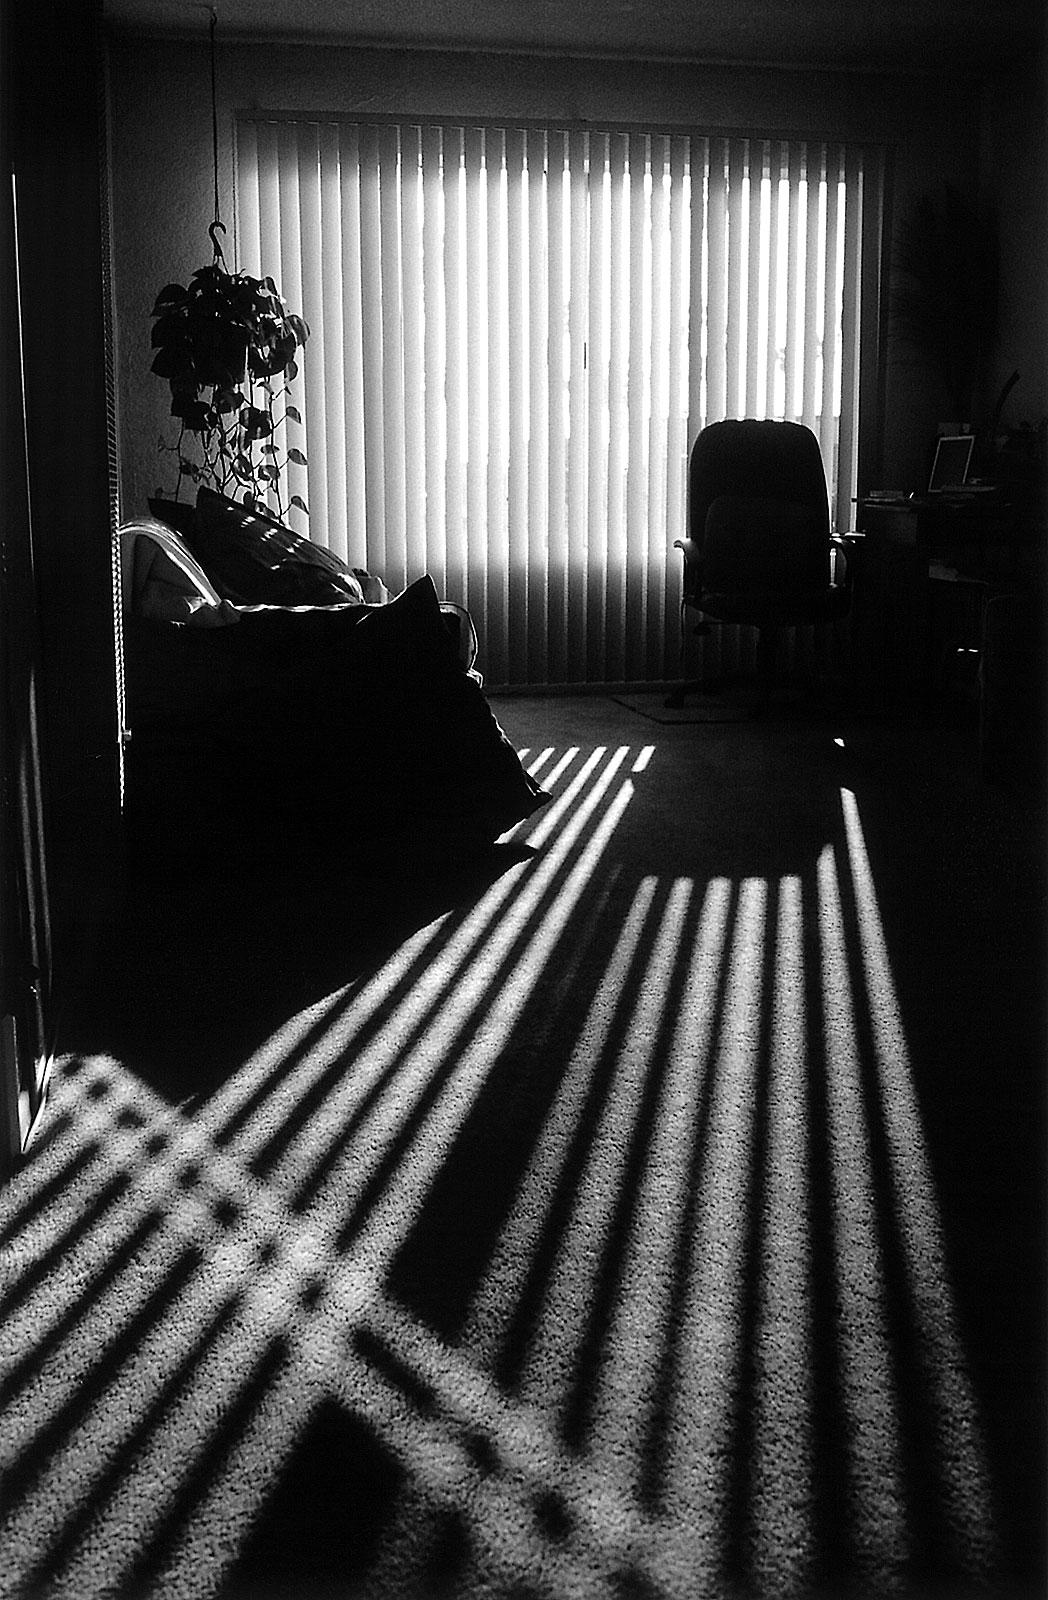 Sutilezas de la luz (Subtlety of the light)